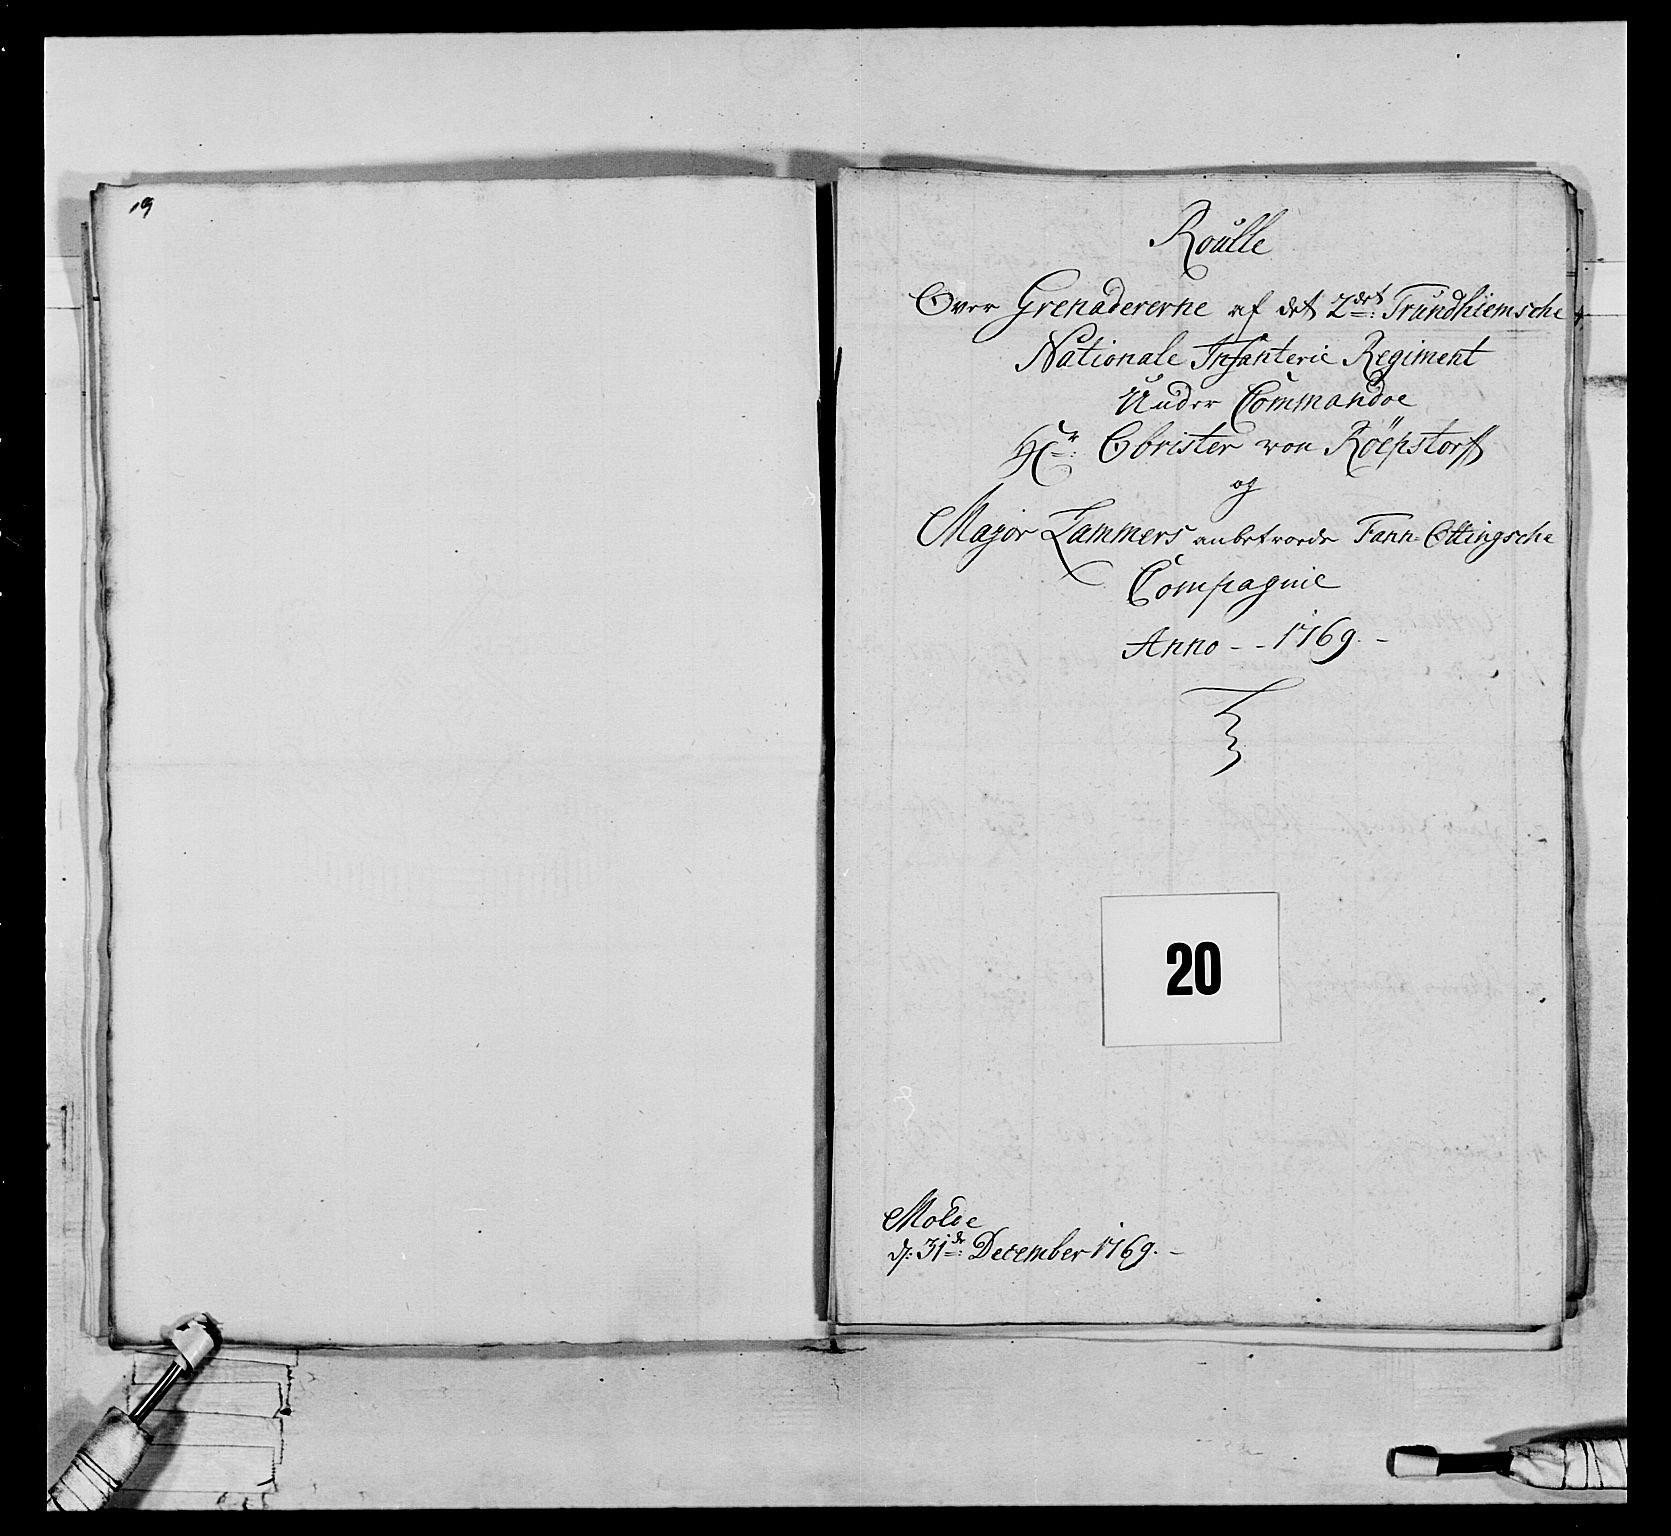 RA, Generalitets- og kommissariatskollegiet, Det kongelige norske kommissariatskollegium, E/Eh/L0076: 2. Trondheimske nasjonale infanteriregiment, 1766-1773, s. 43